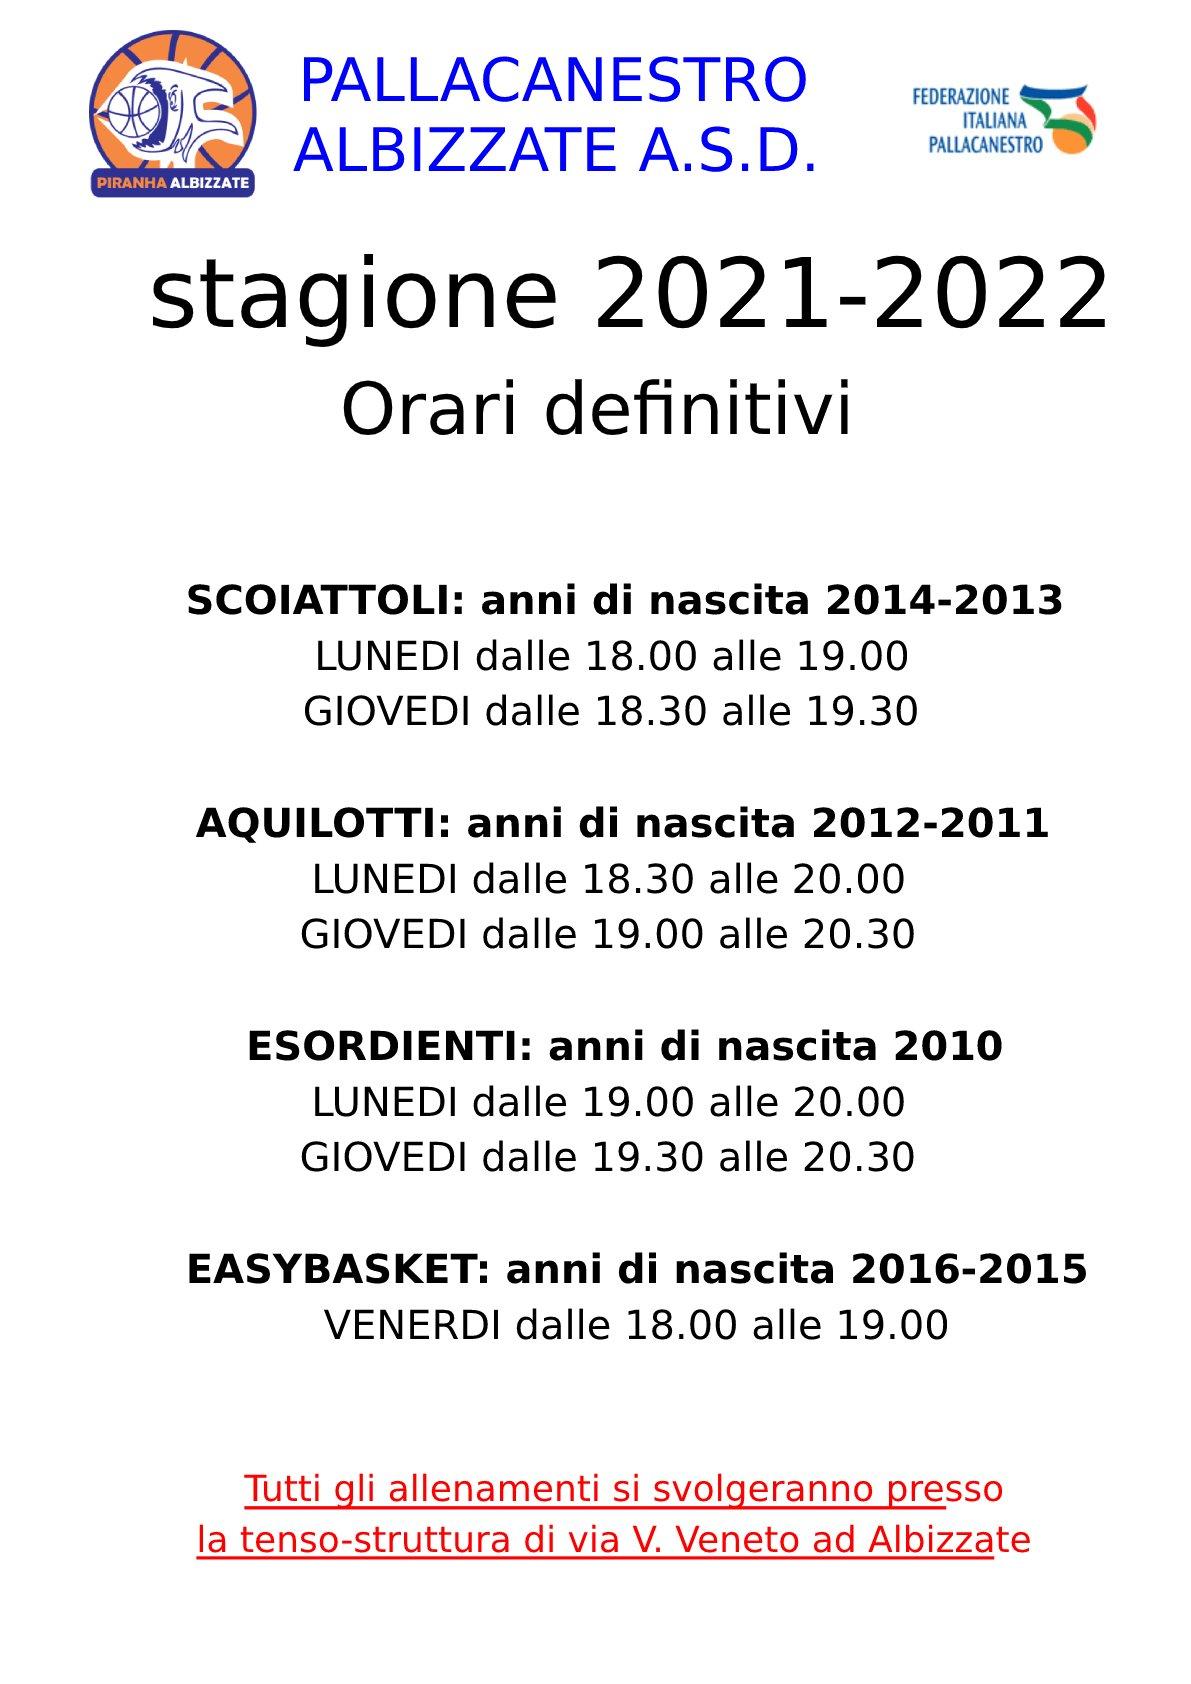 orari_definitivi_2021_2022